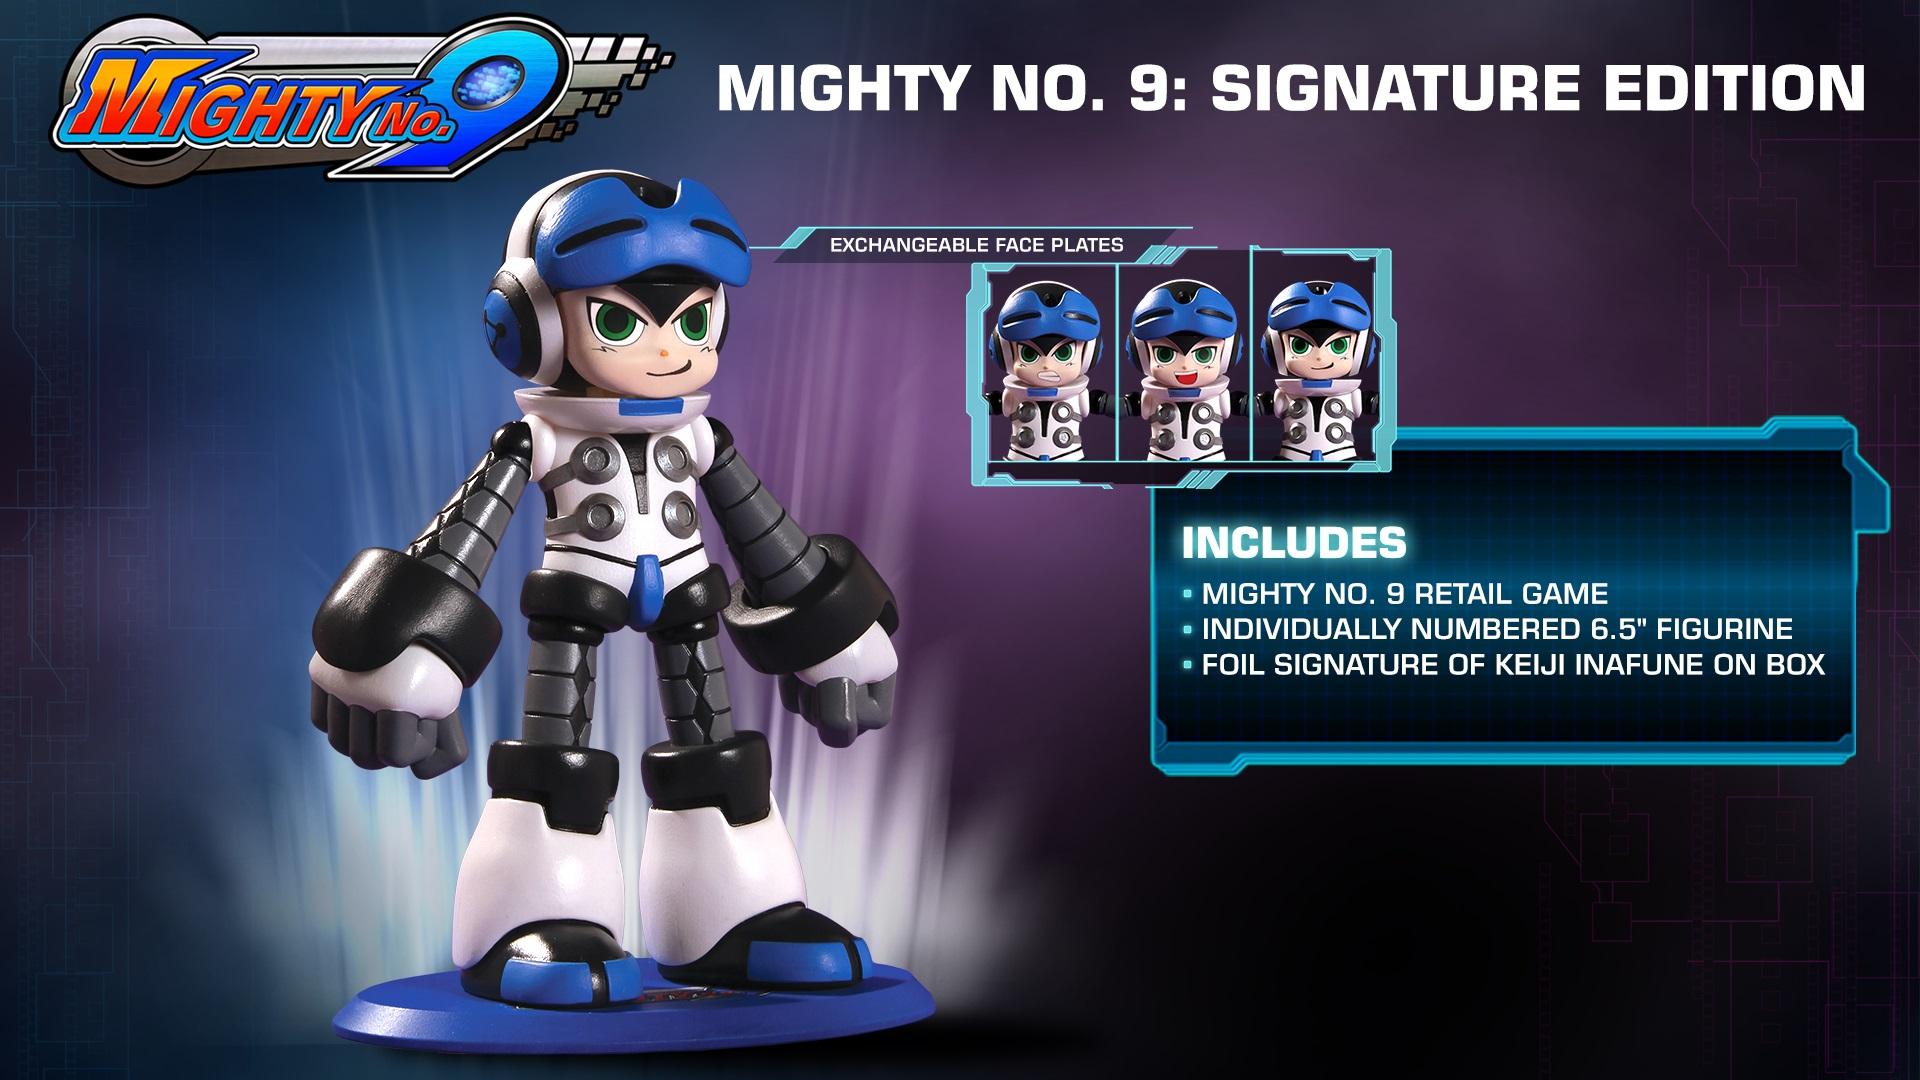 Essa década está sendo esquecível? - Página 2 Mighty-no-9-signature-edition